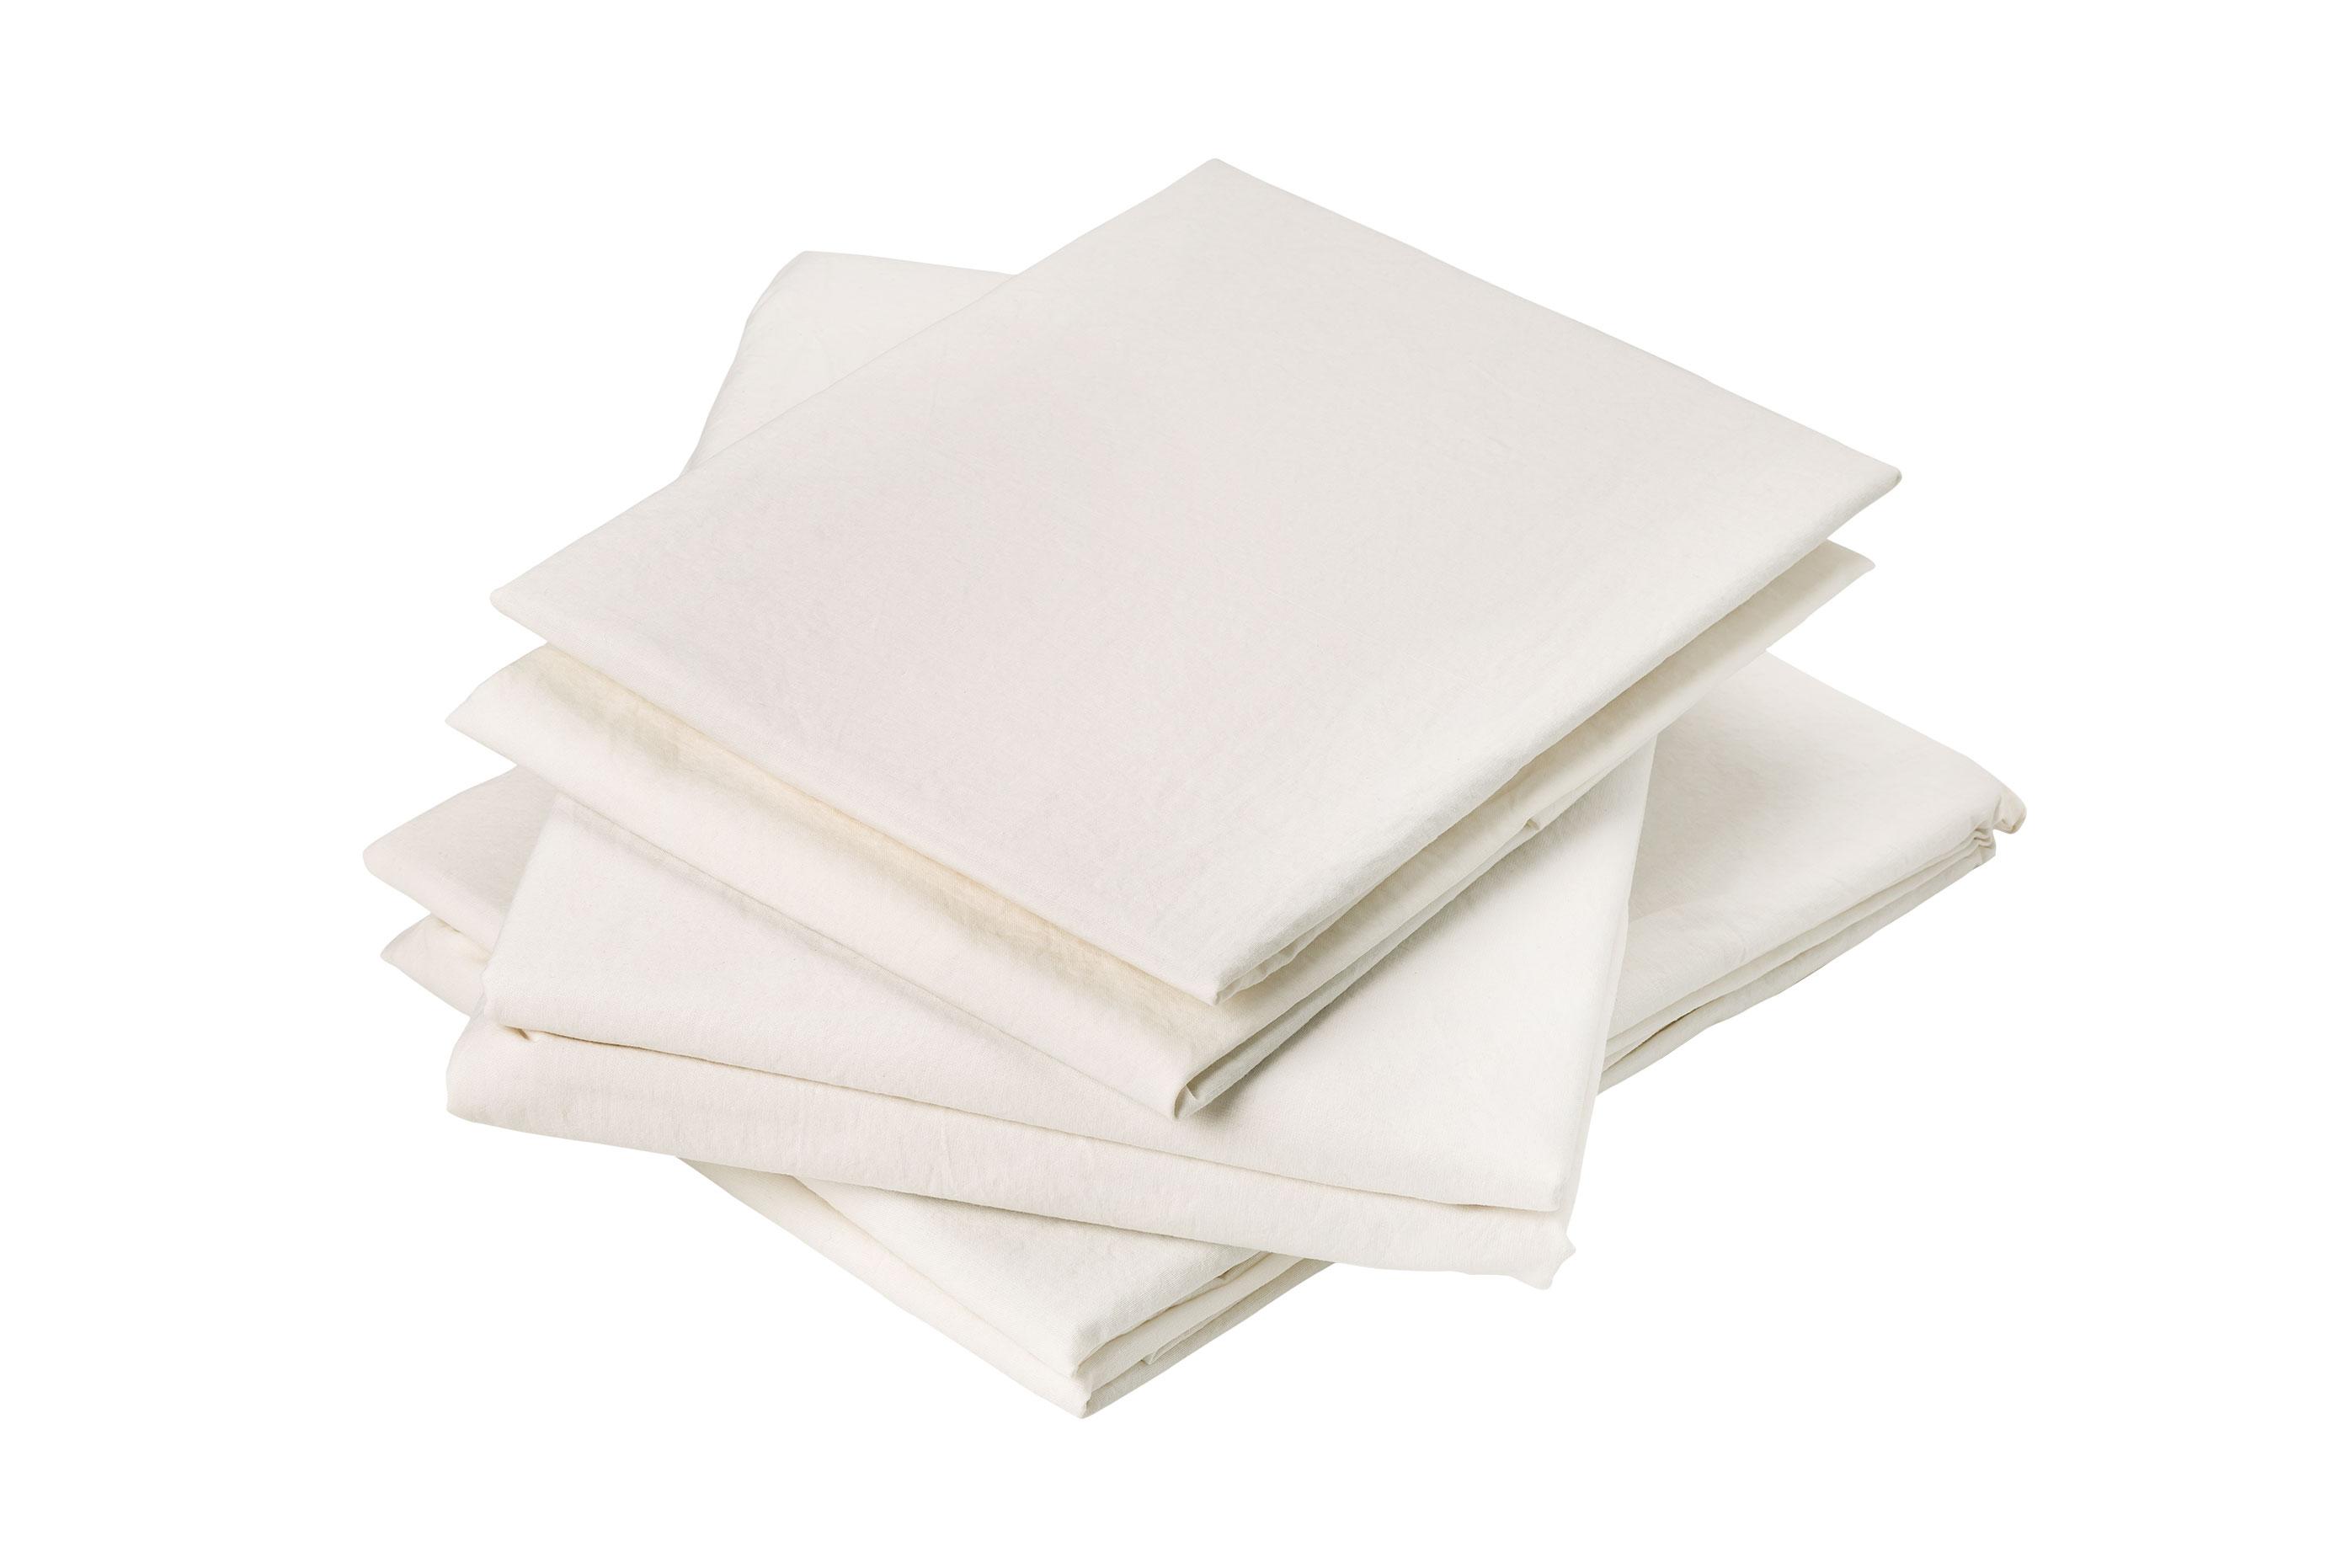 Drap plat en coton lavé coton craie 280x240